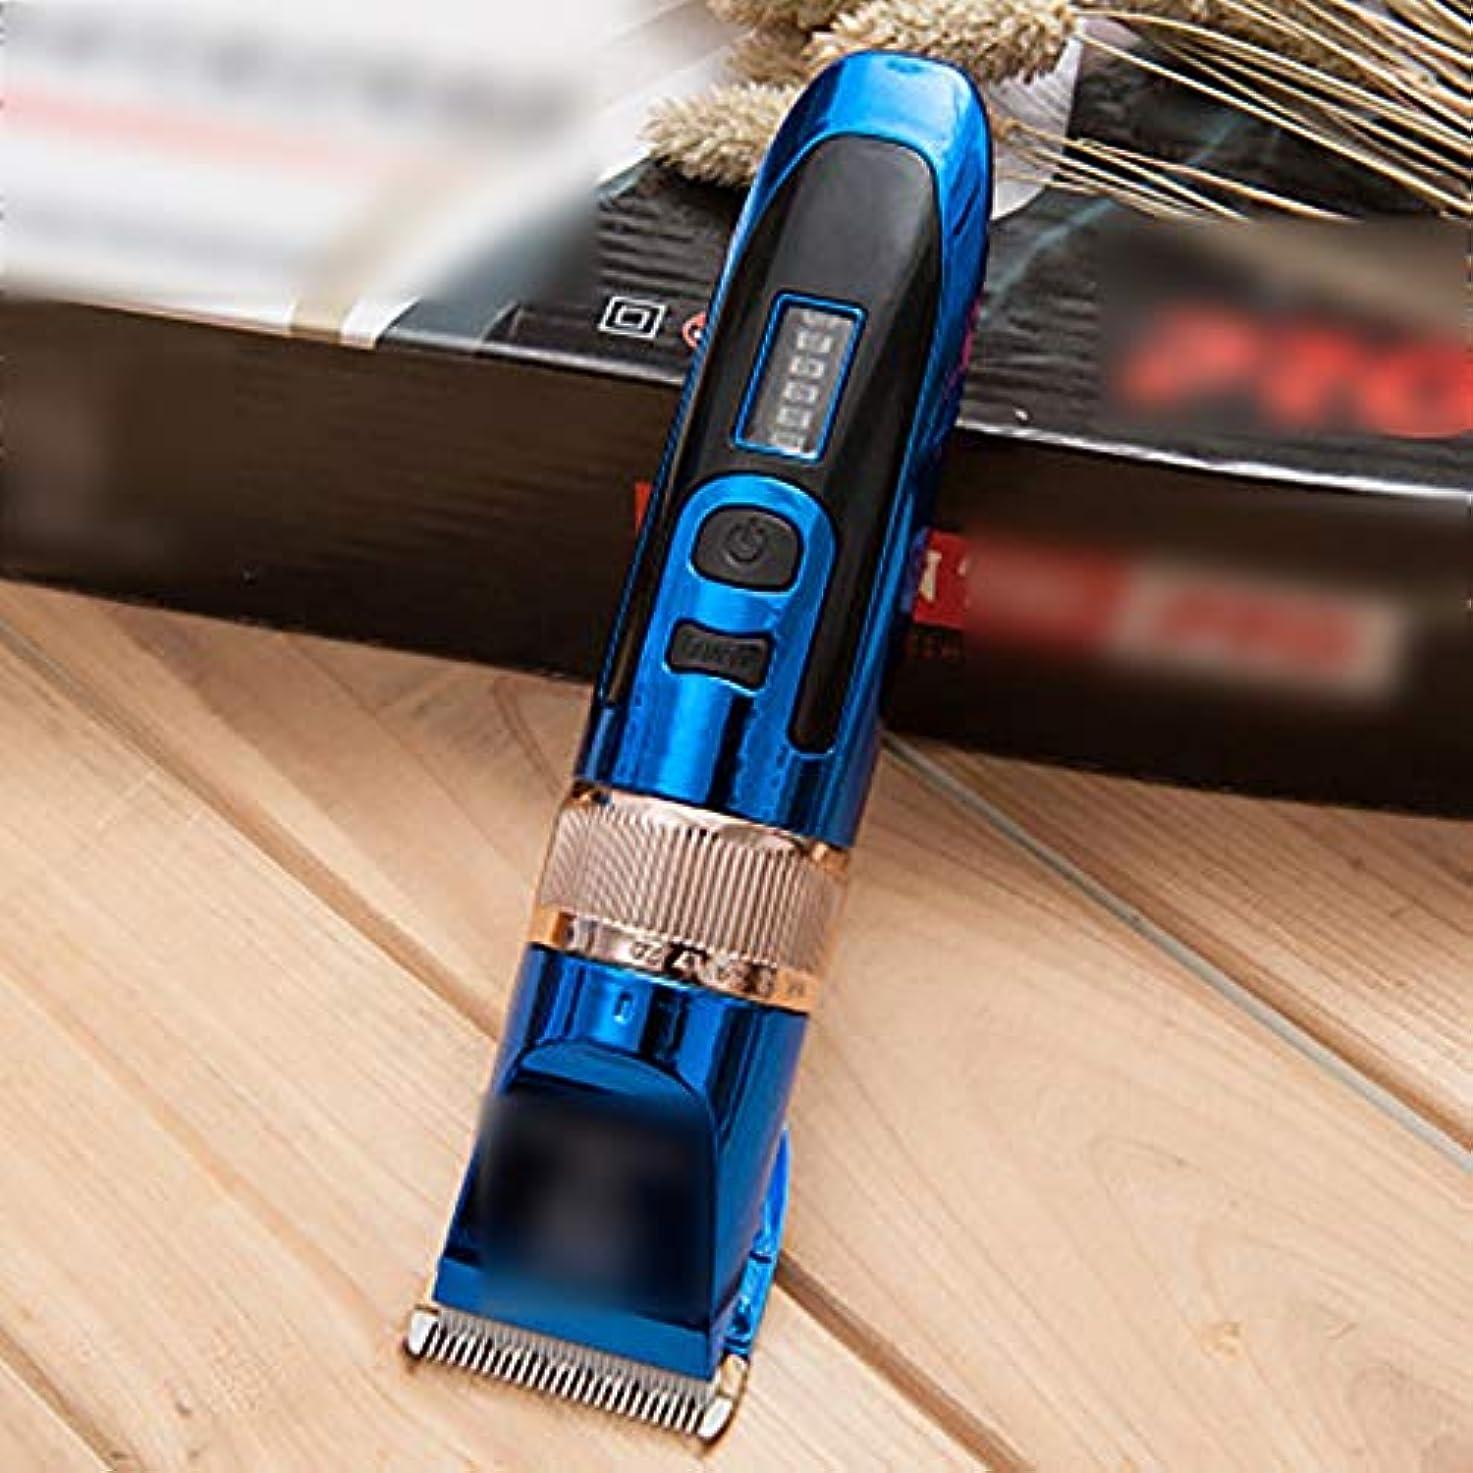 多年生最もオートメーションWAKABAFK プロの電気フェーダーリチウム電池液晶ディスプレイ散髪機ヘアトリマークリッパー (色 : 青)